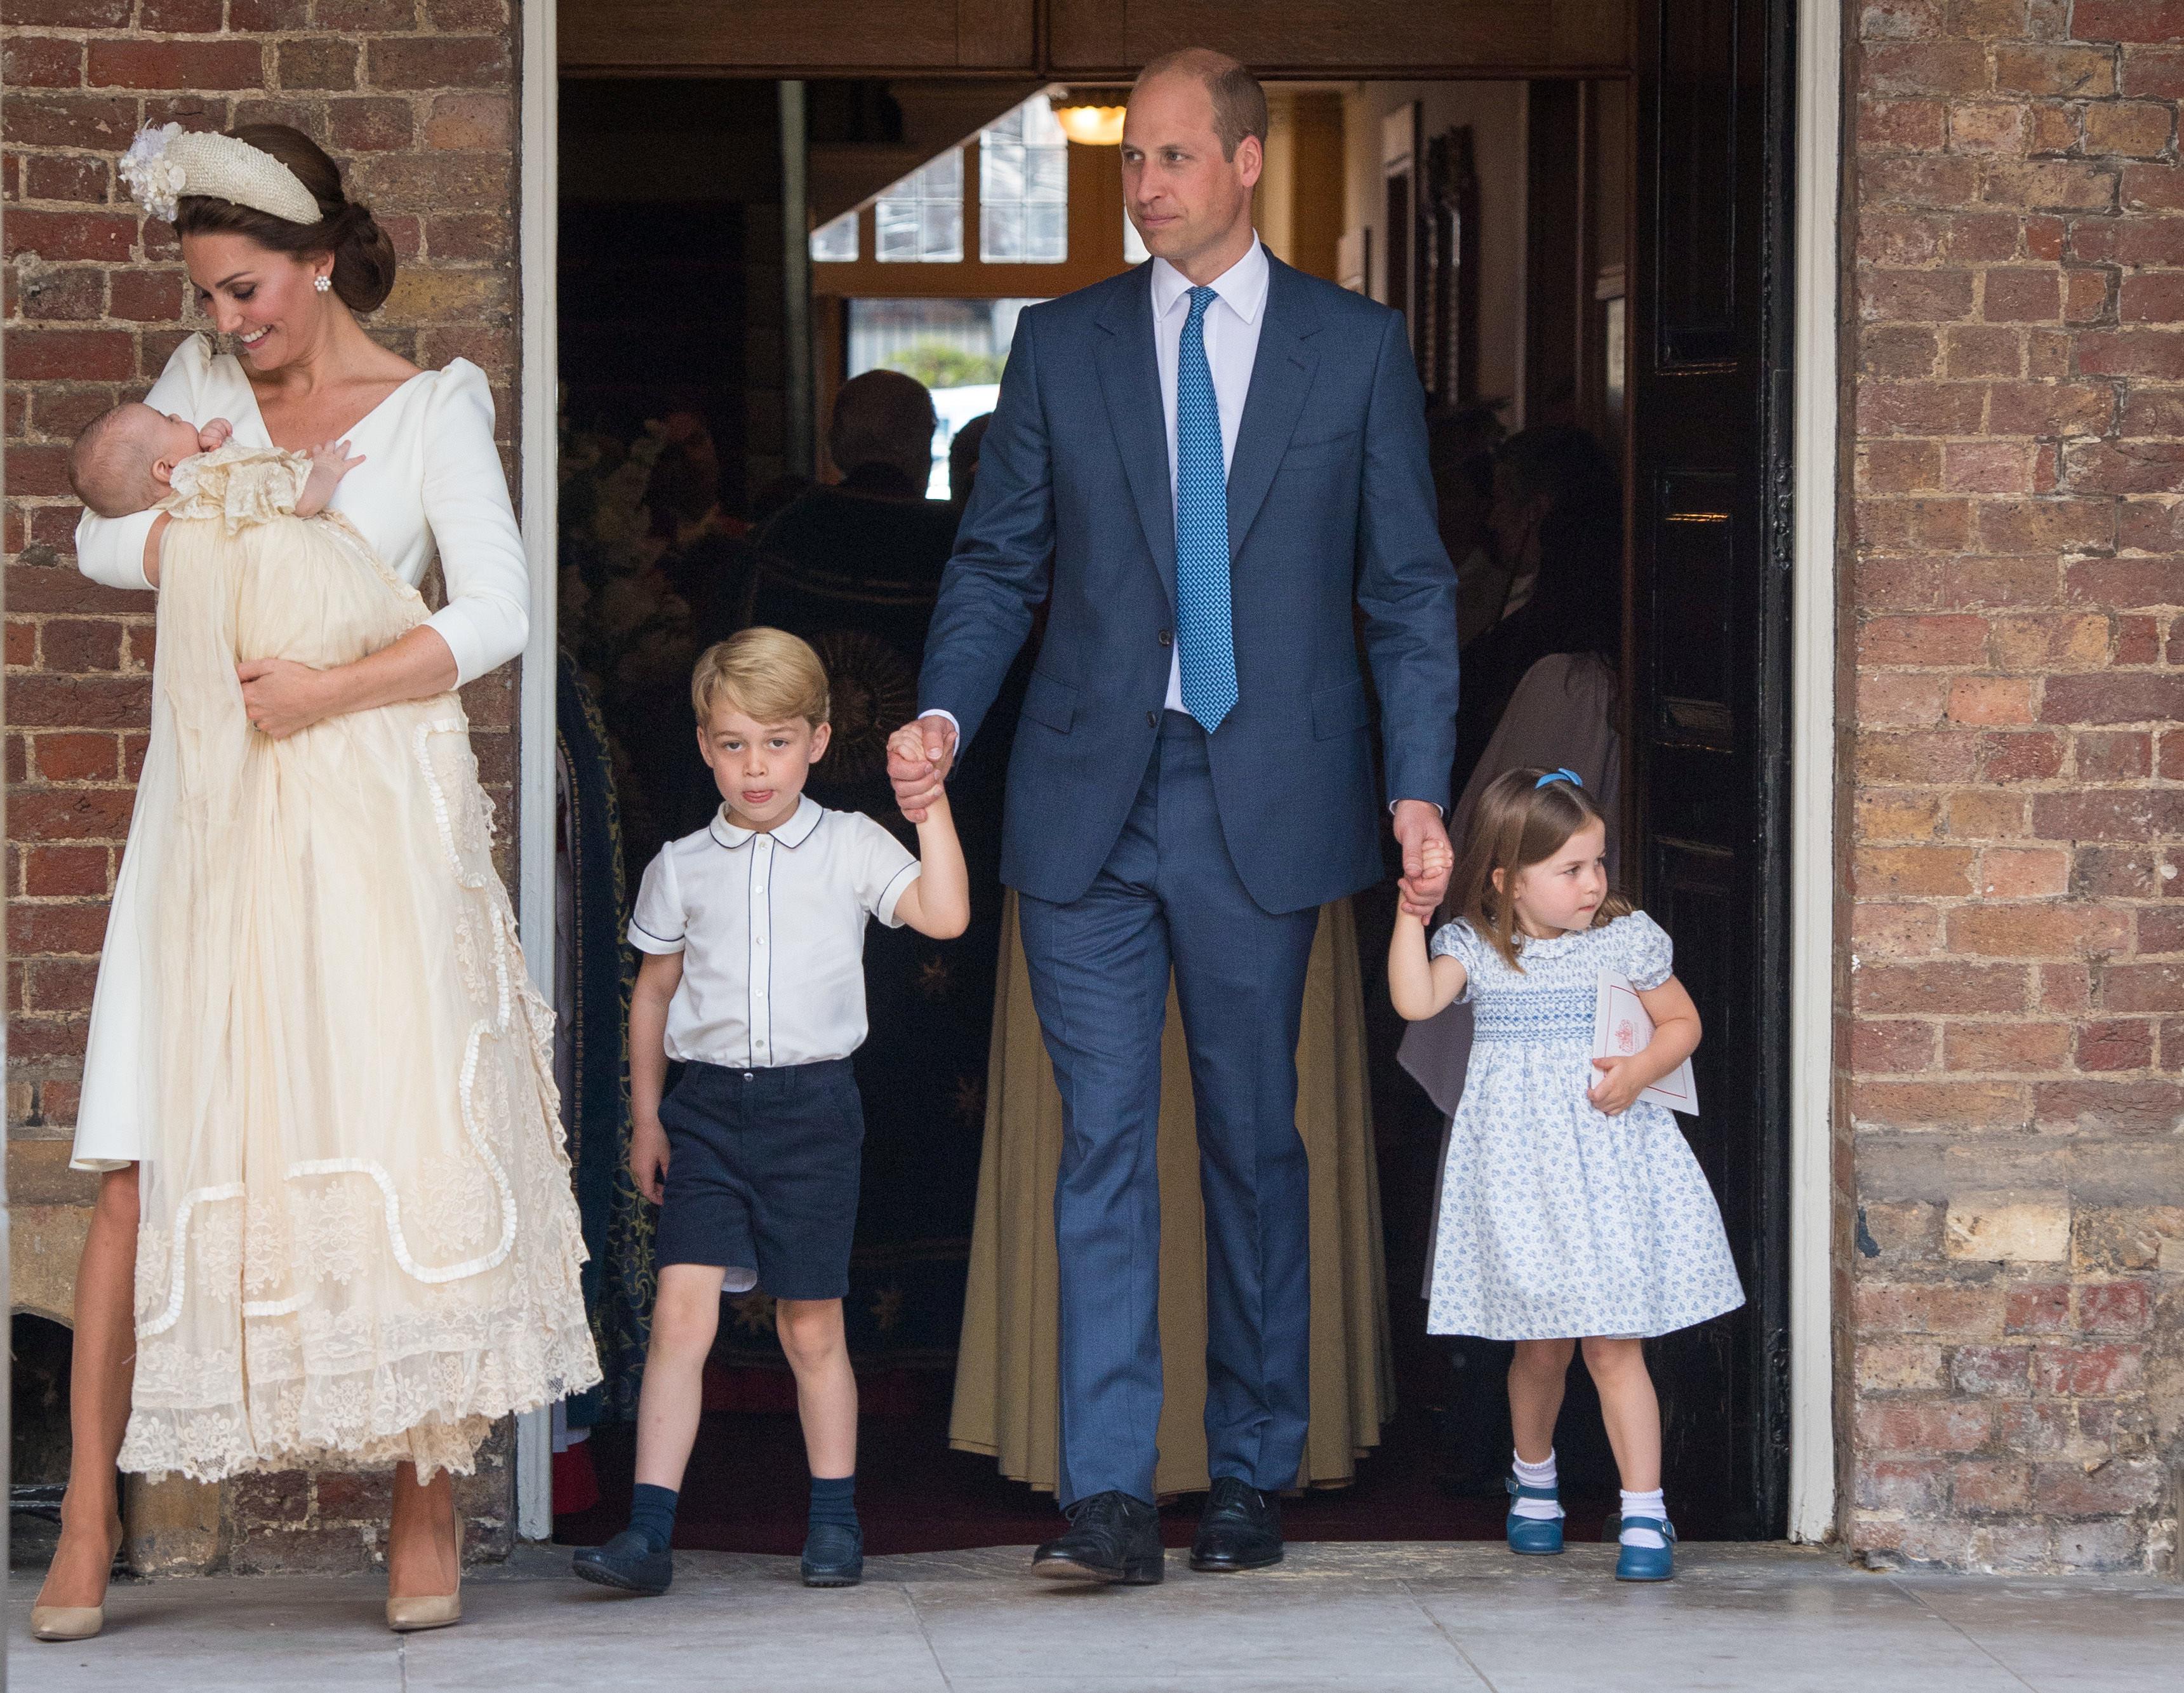 ▲▼凱特王妃抱著路易王子(左),威廉王子(右二)分別牽著喬治王子和夏綠蒂公主,這是威廉王子一家五口首度公開露面(圖/路透社)